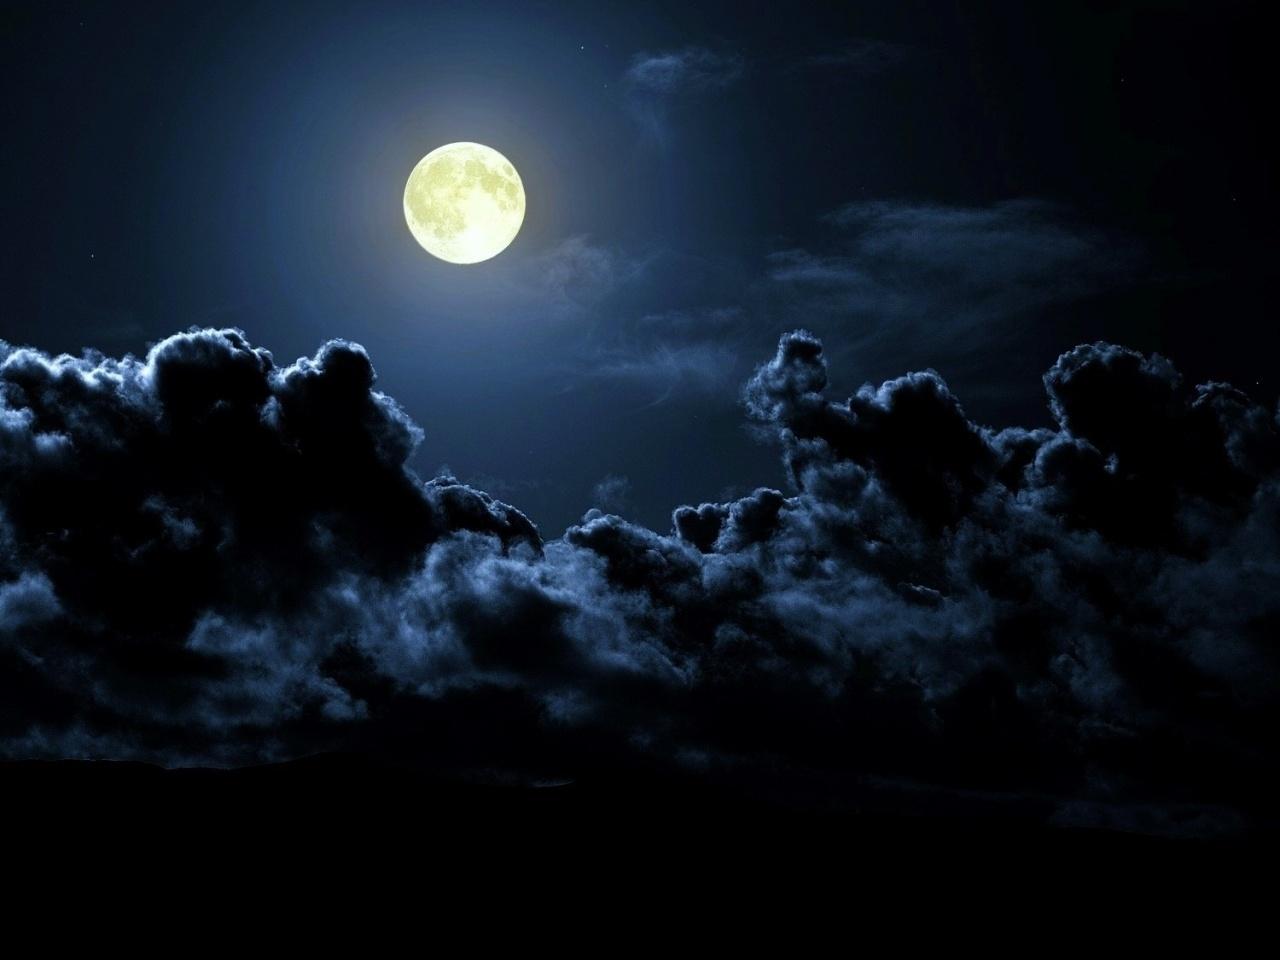 27859 скачать обои Пейзаж, Небо, Ночь, Облака, Луна - заставки и картинки бесплатно